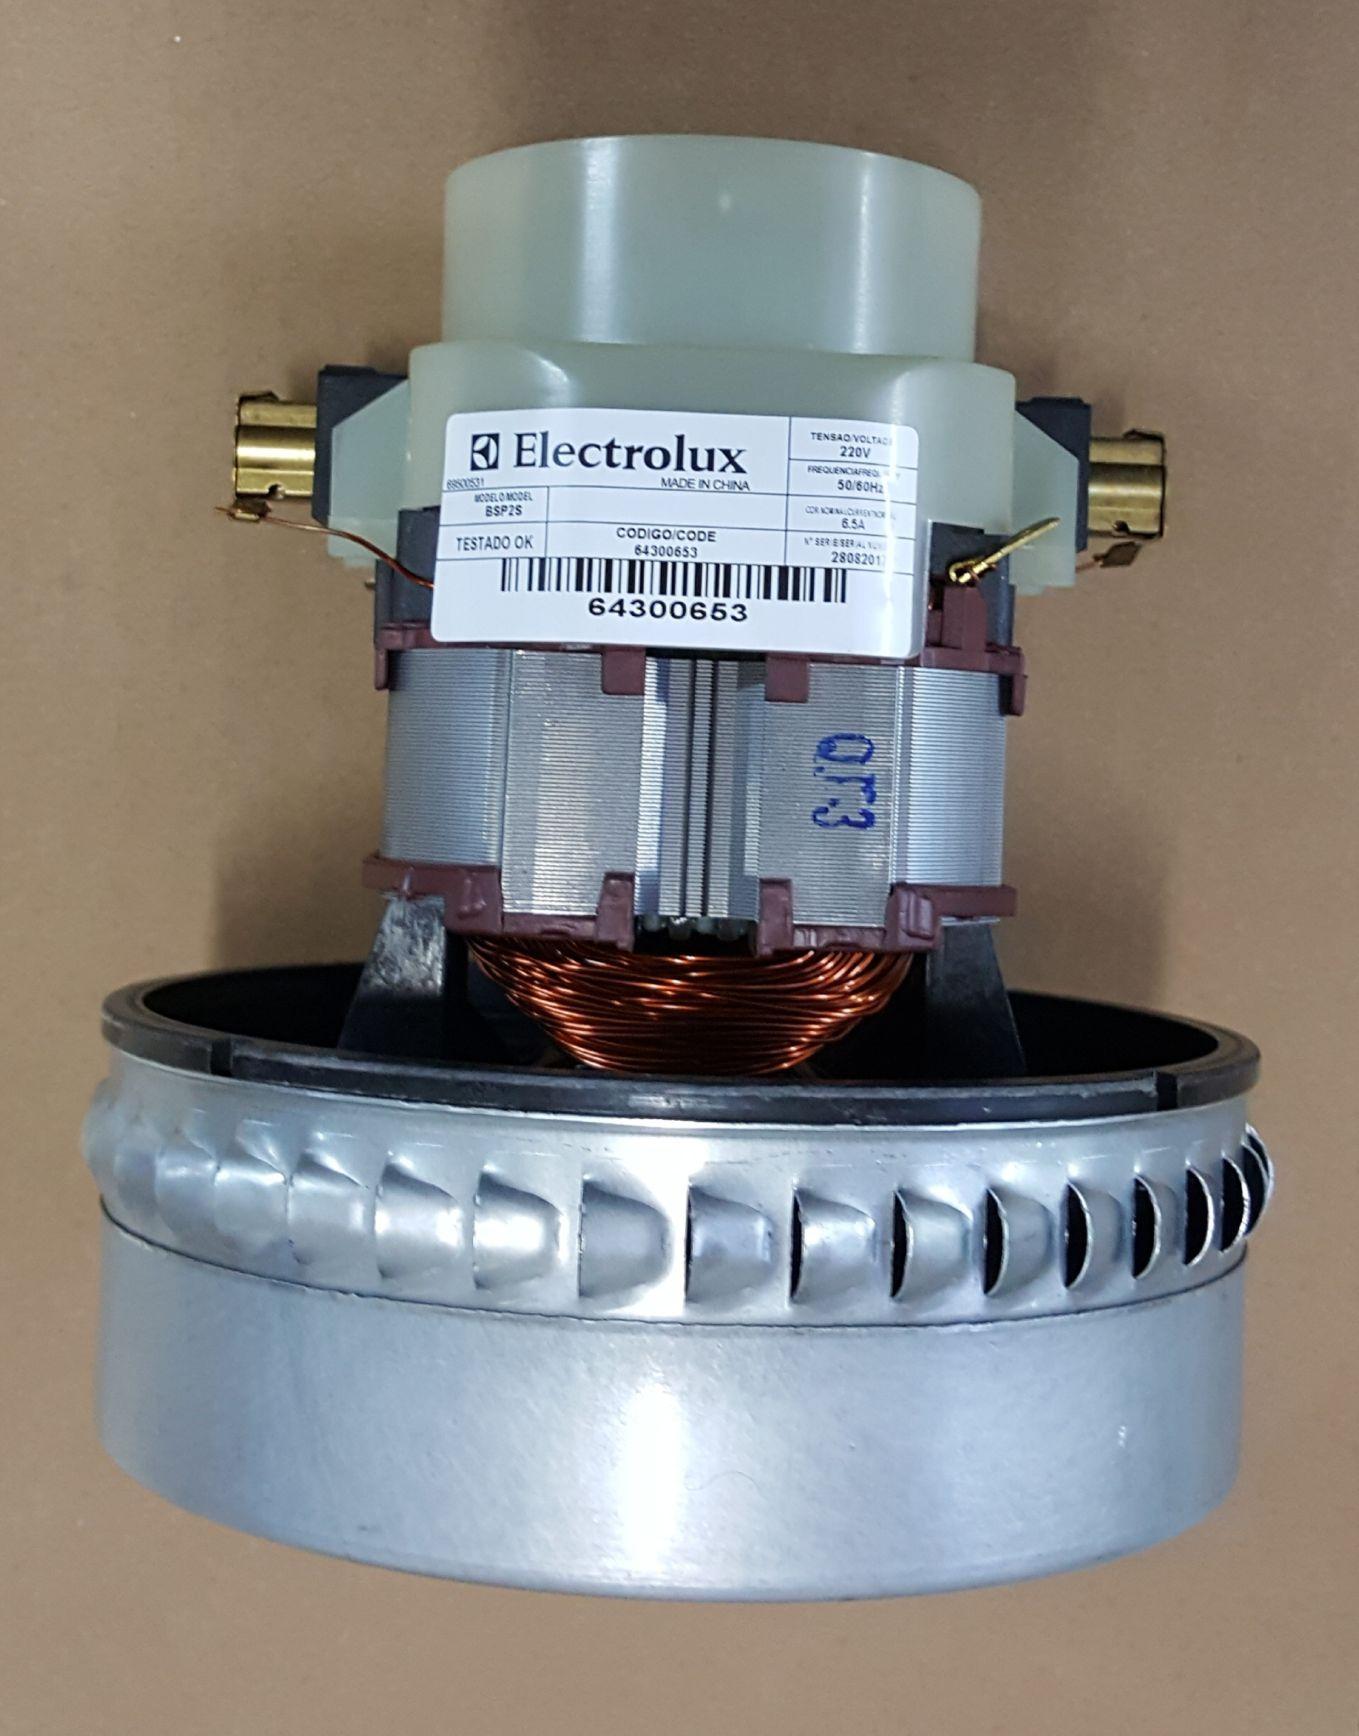 Motor Aspirador de Pó Electrolux - BPS2S - 220v - 1400w - Modelos: GT3002 / T5002